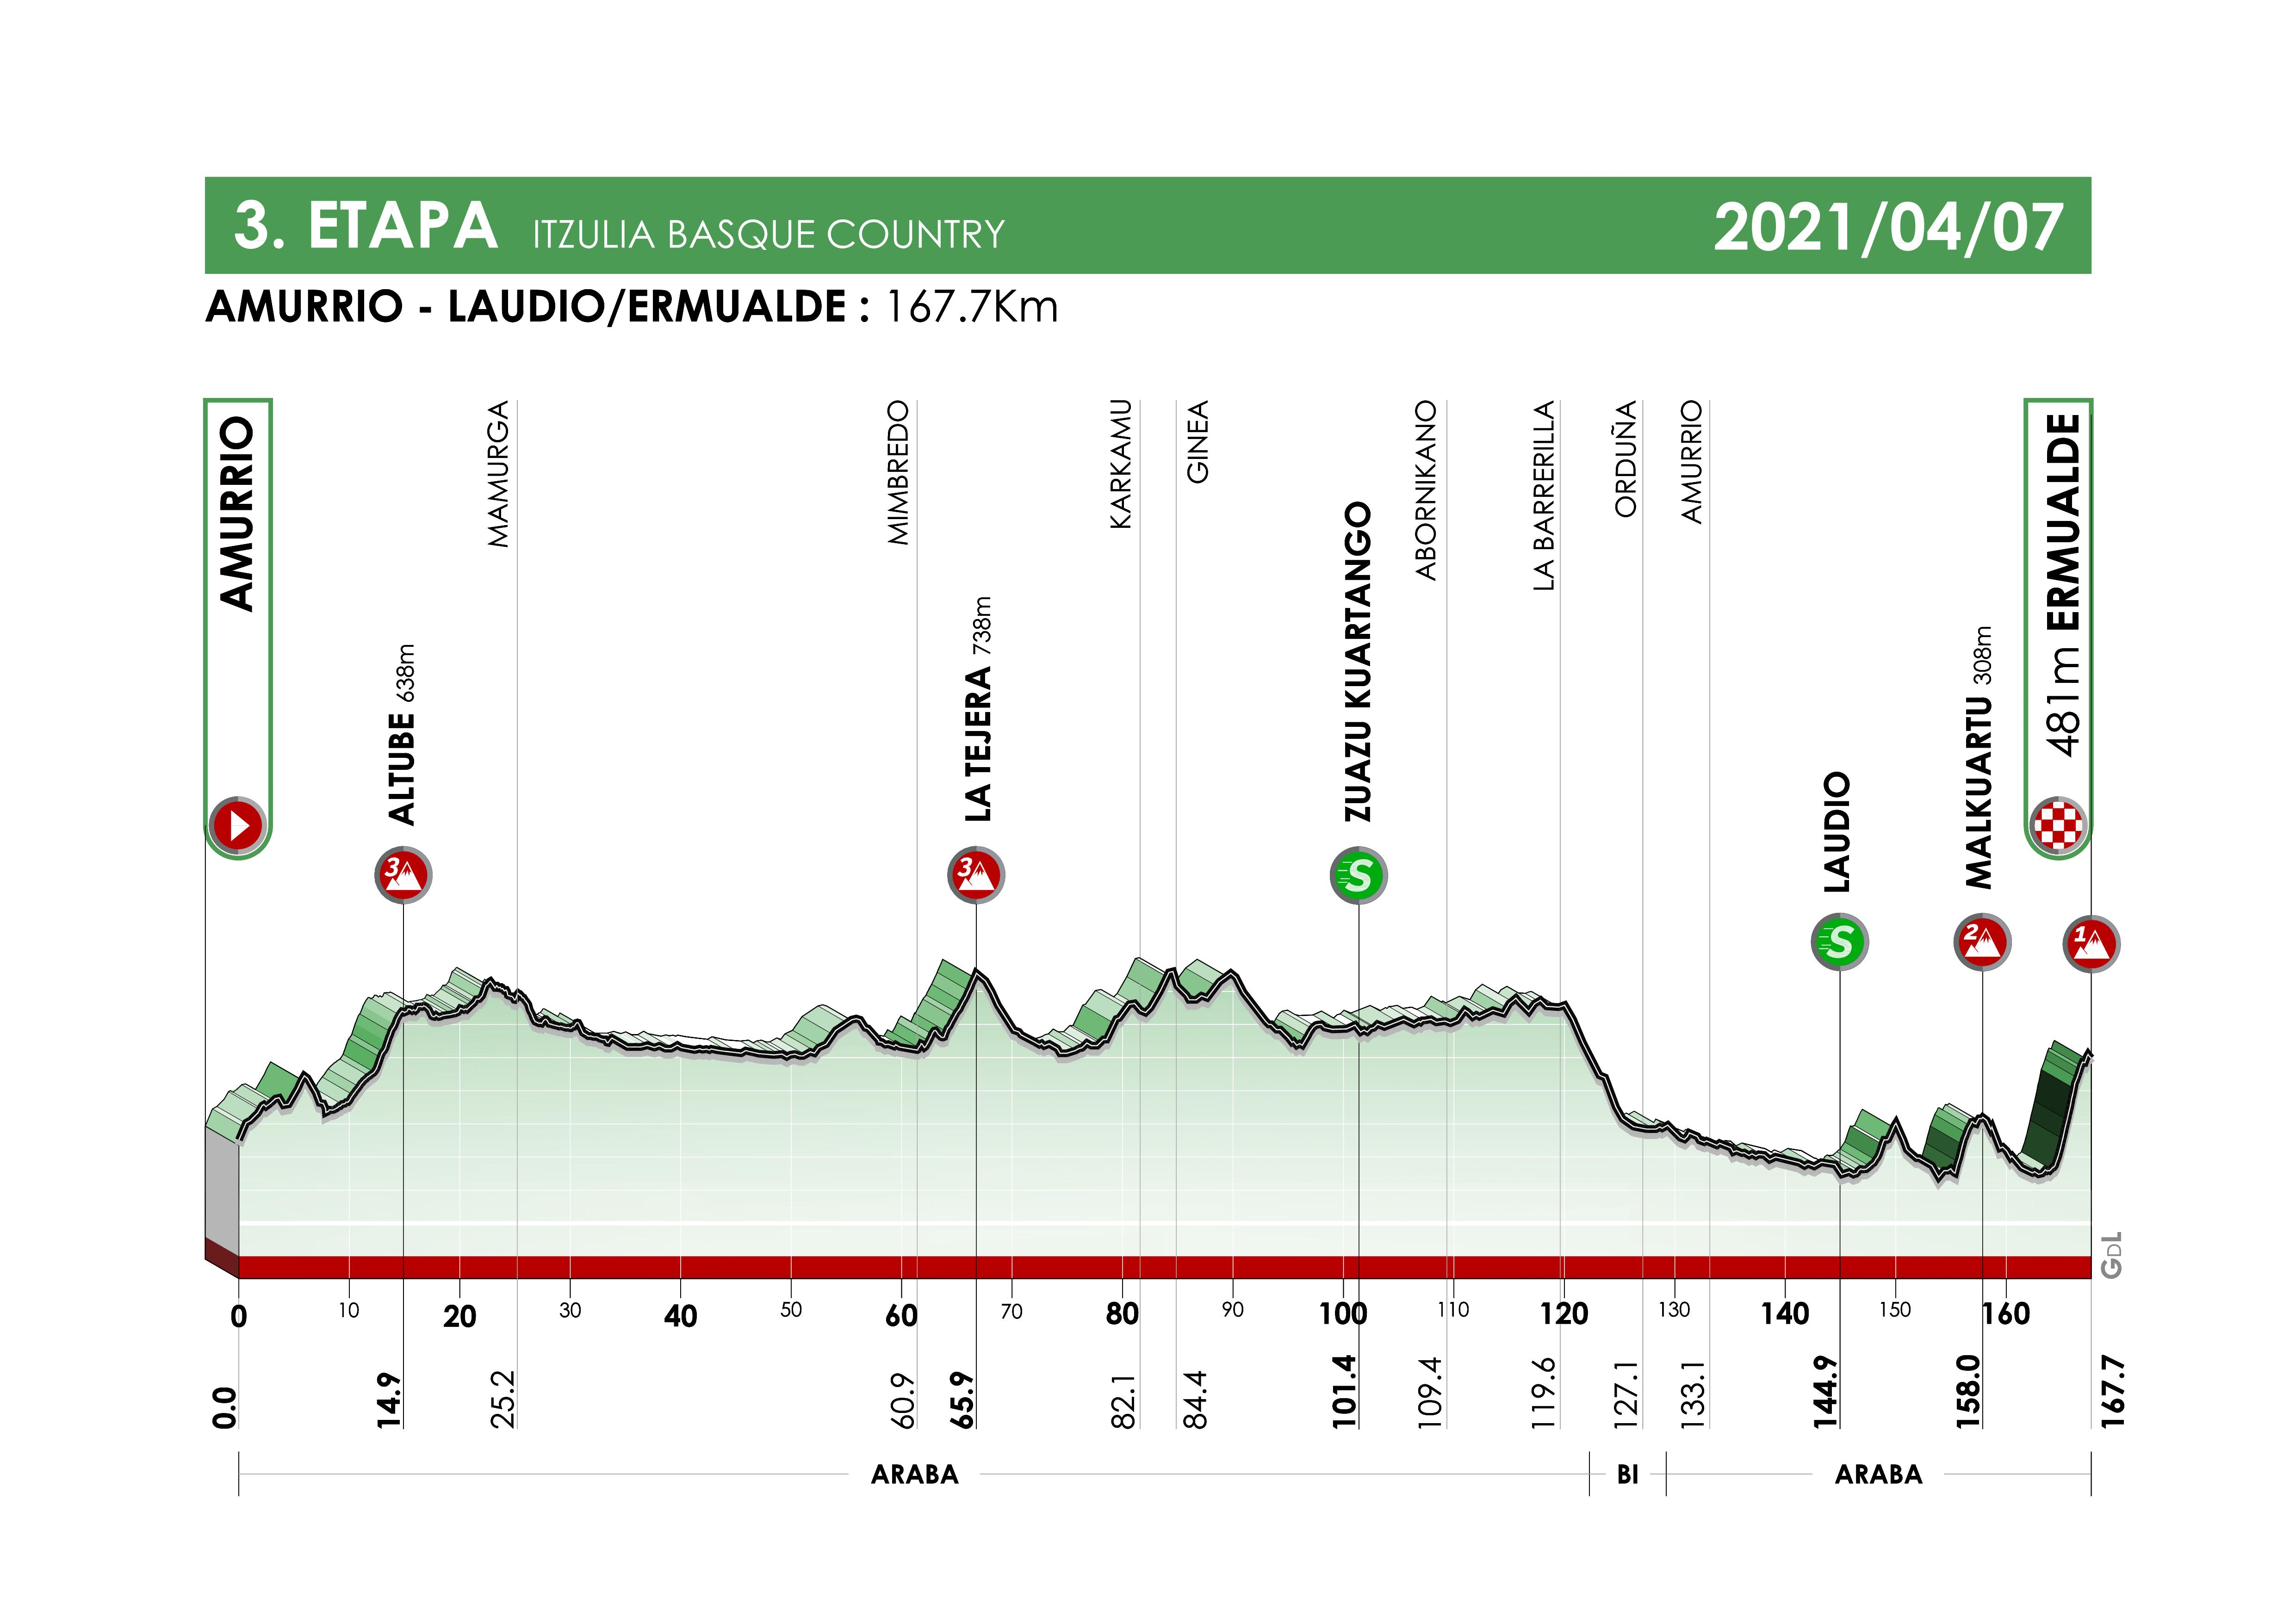 Etapa 3 Vuelta al País Vasco 2021